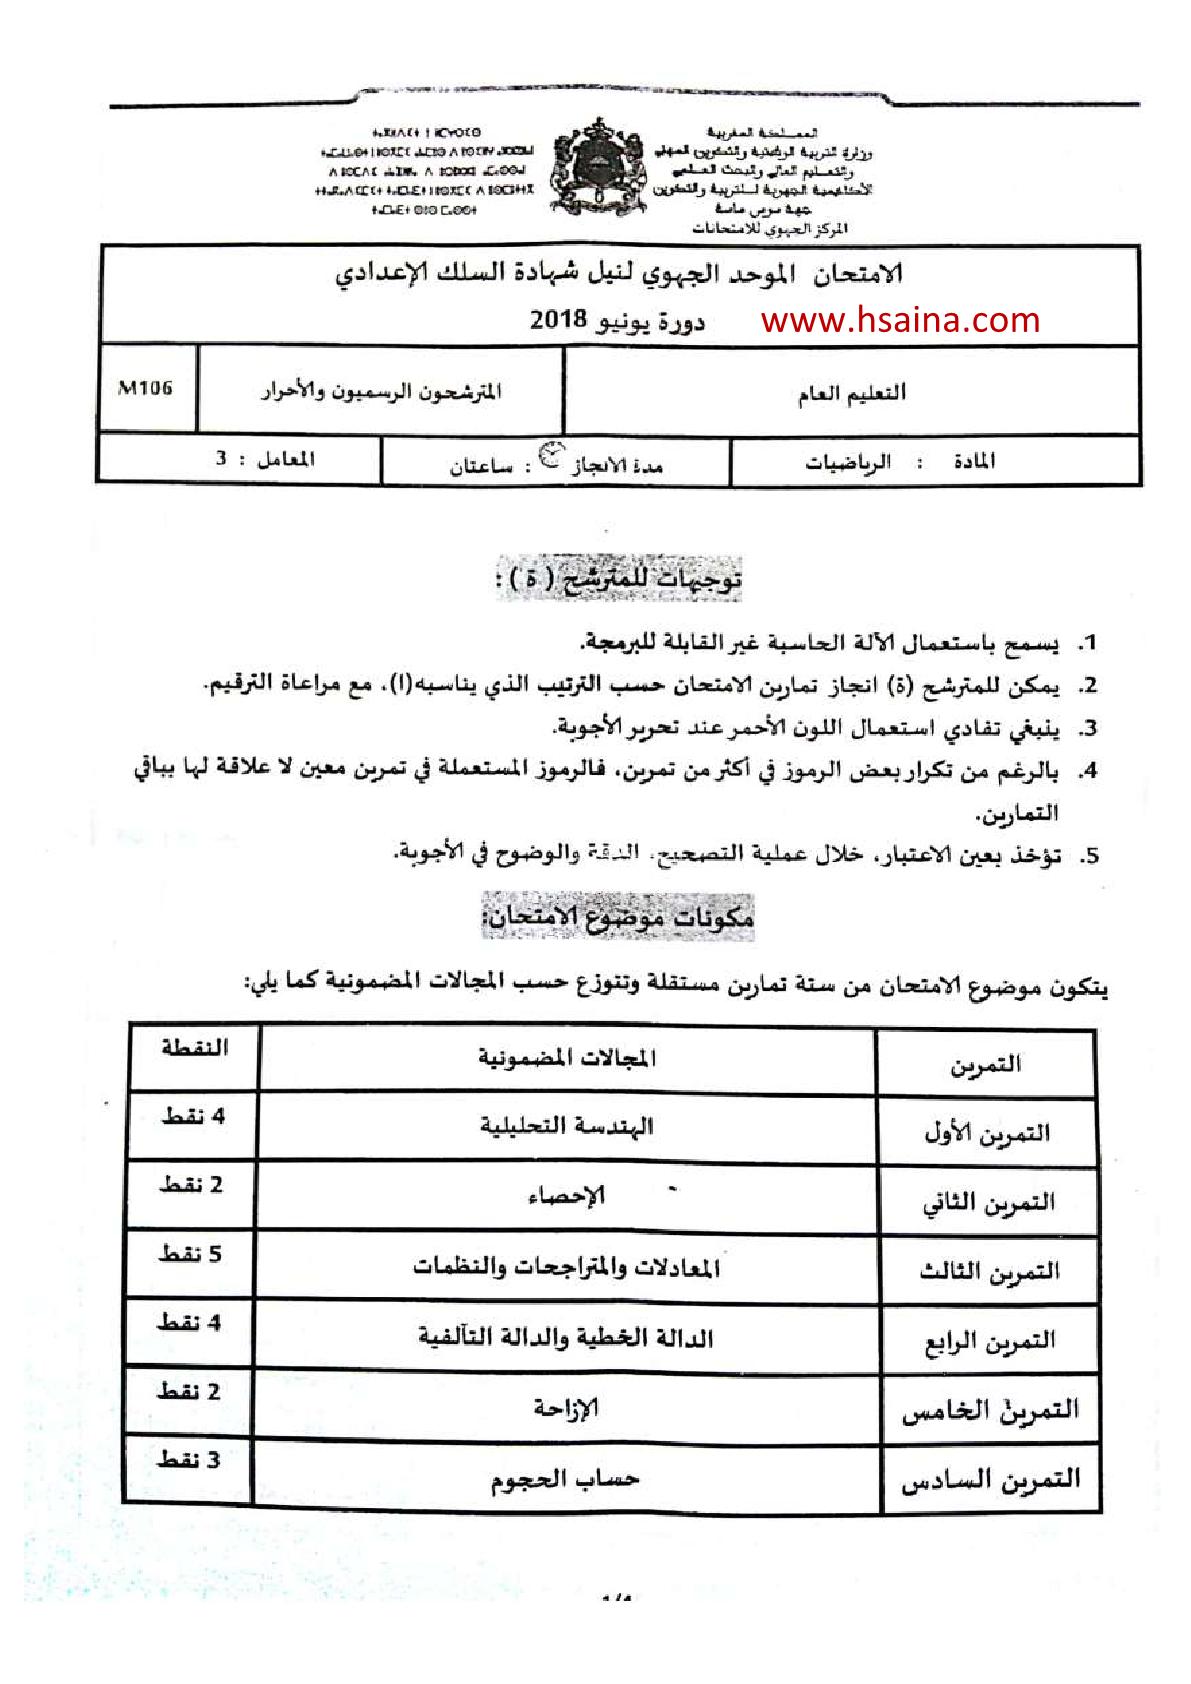 الامتحان الجهوي للرياضيات جهة سوس ماسة 2018